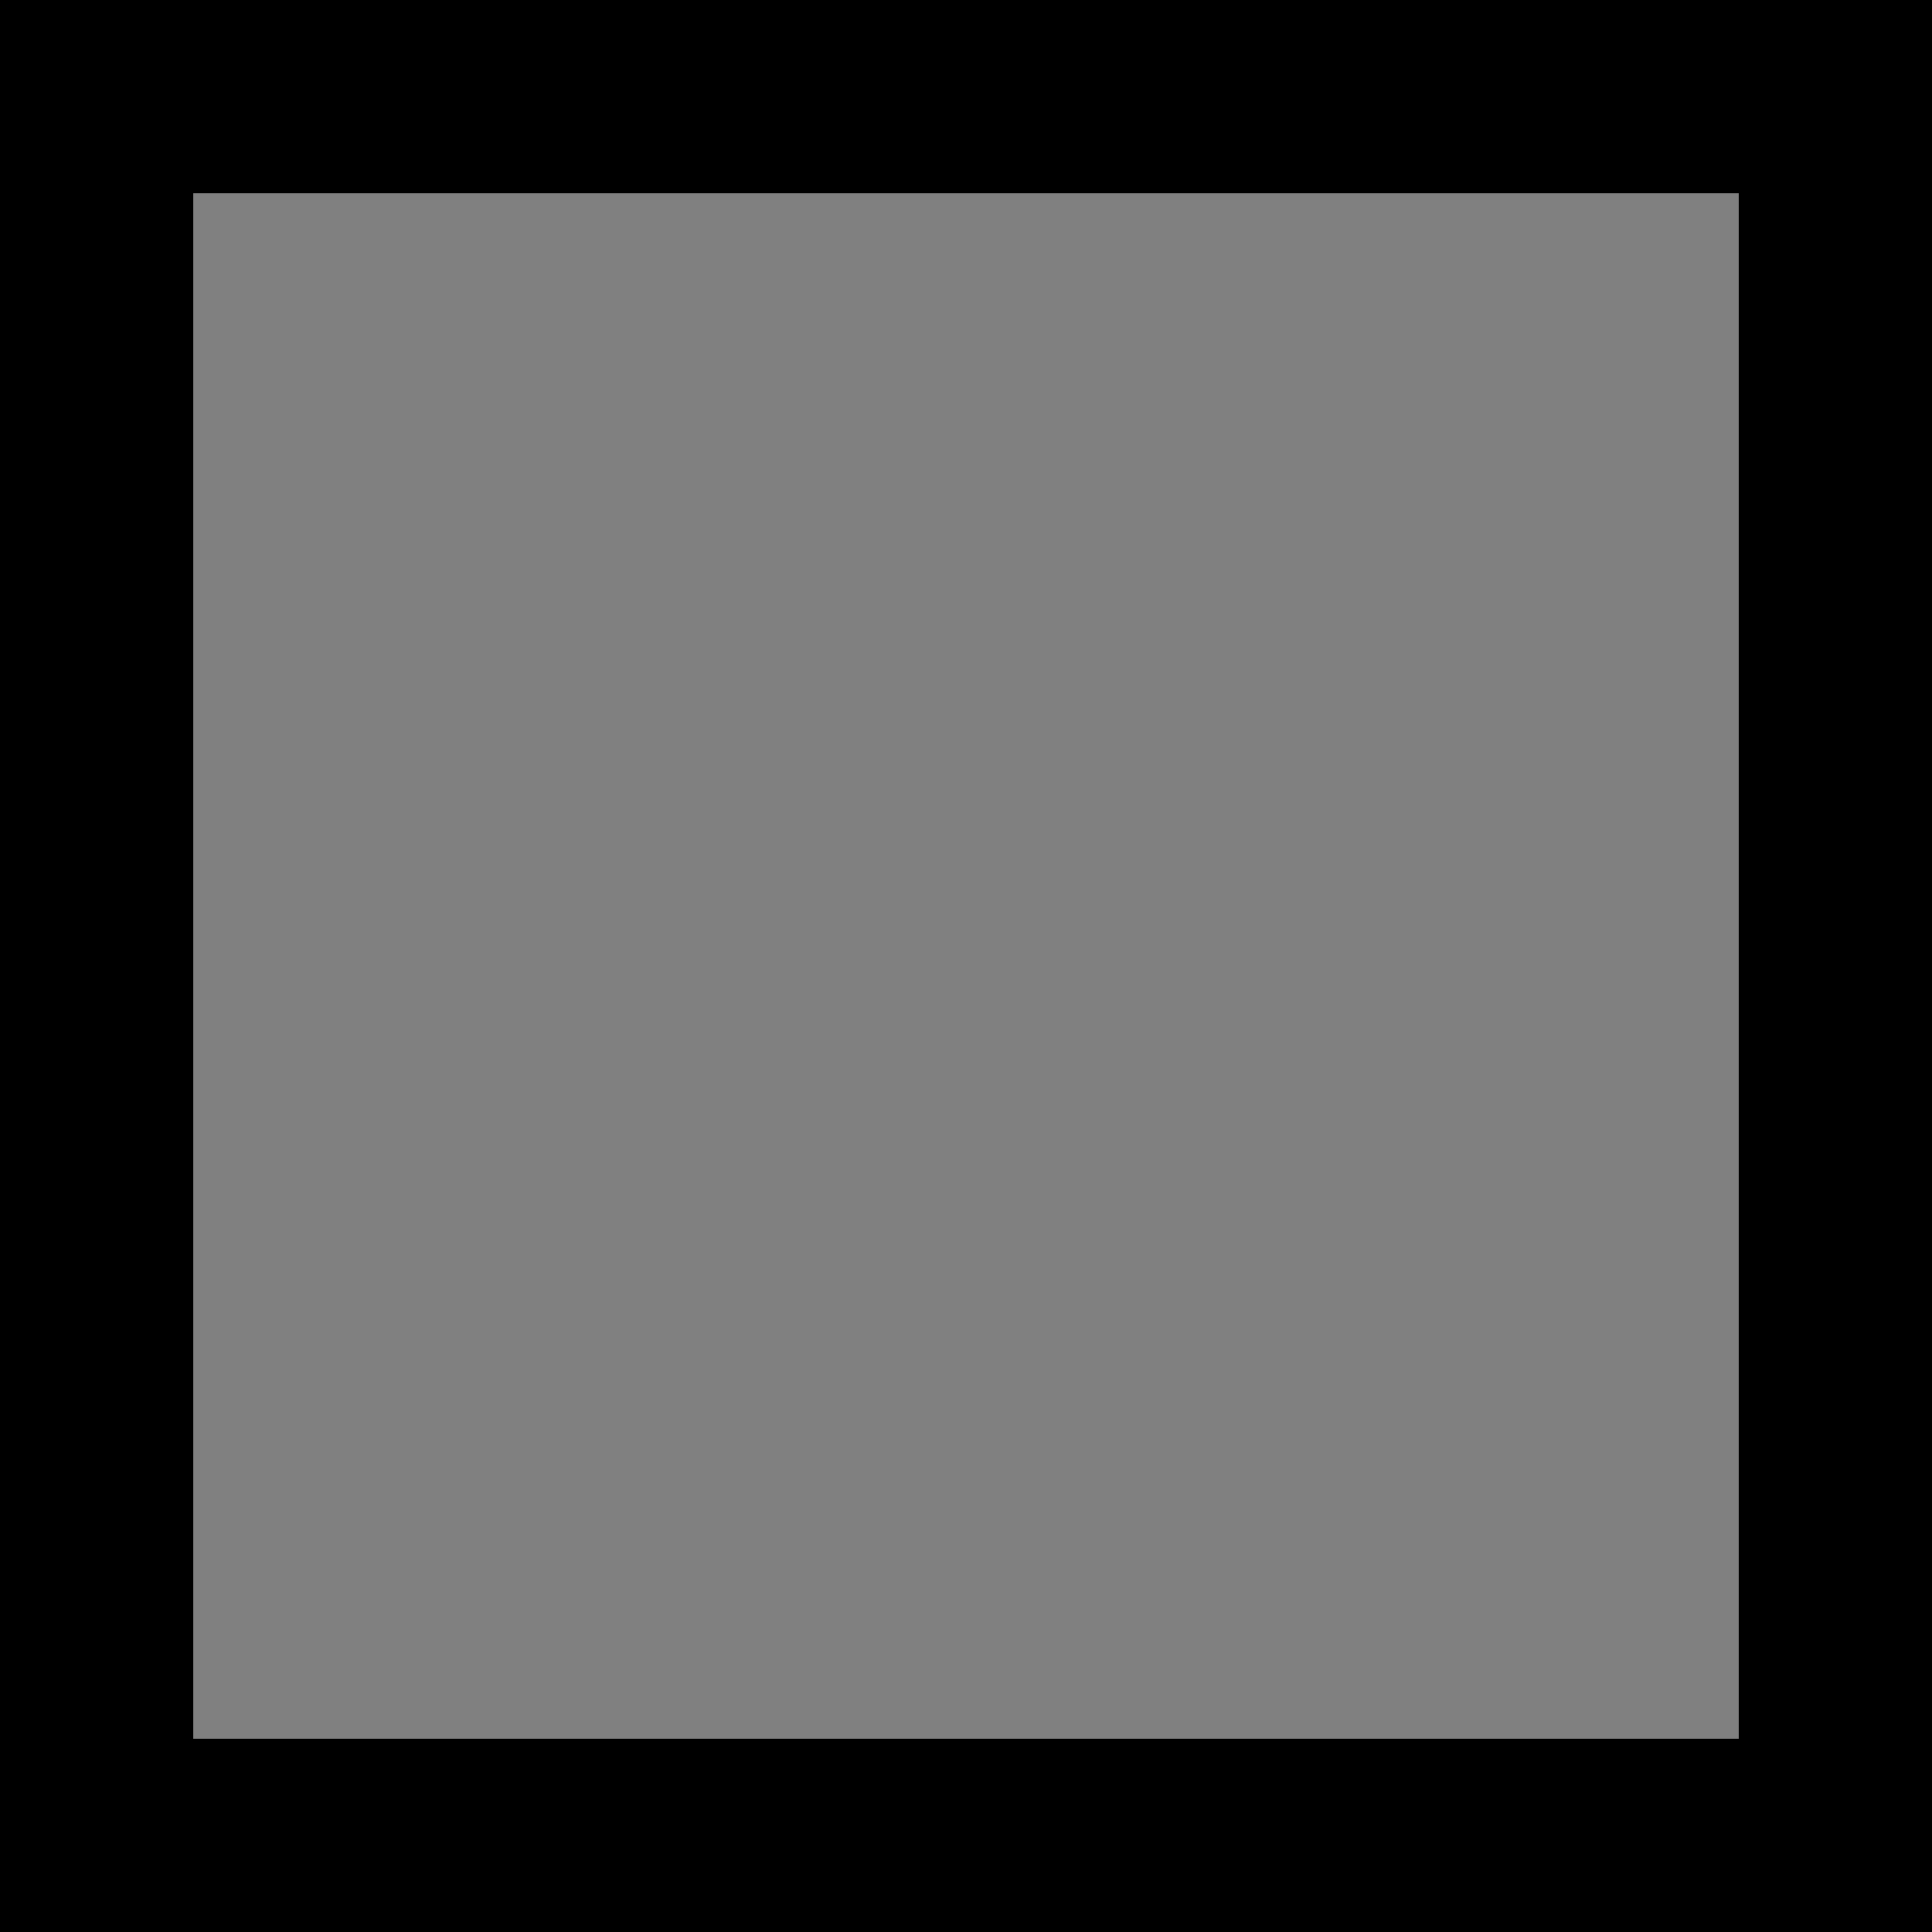 transparent black square - 700×700